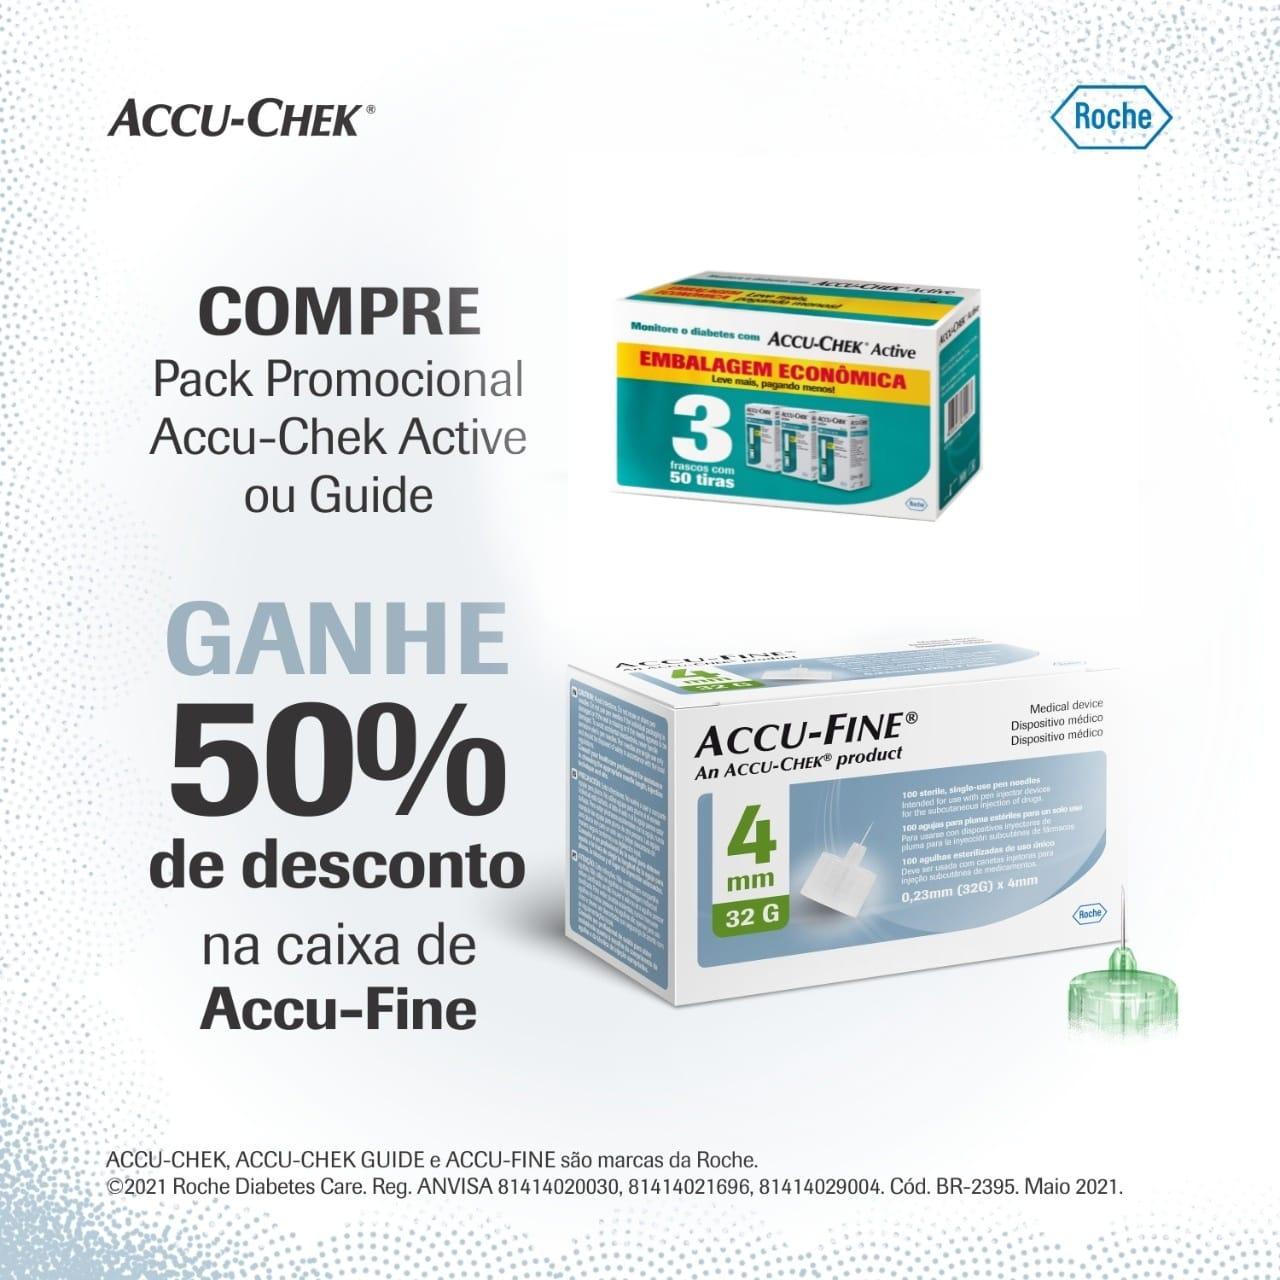 Accu-Chek Active Embalagem Econômica - 3 caixas com 50 tiras (validade tiras 04.22) + Accu -fine 4mm c/ 100 agulhas  - Diabetes On - Vendido e Entregue por Diabetic Center